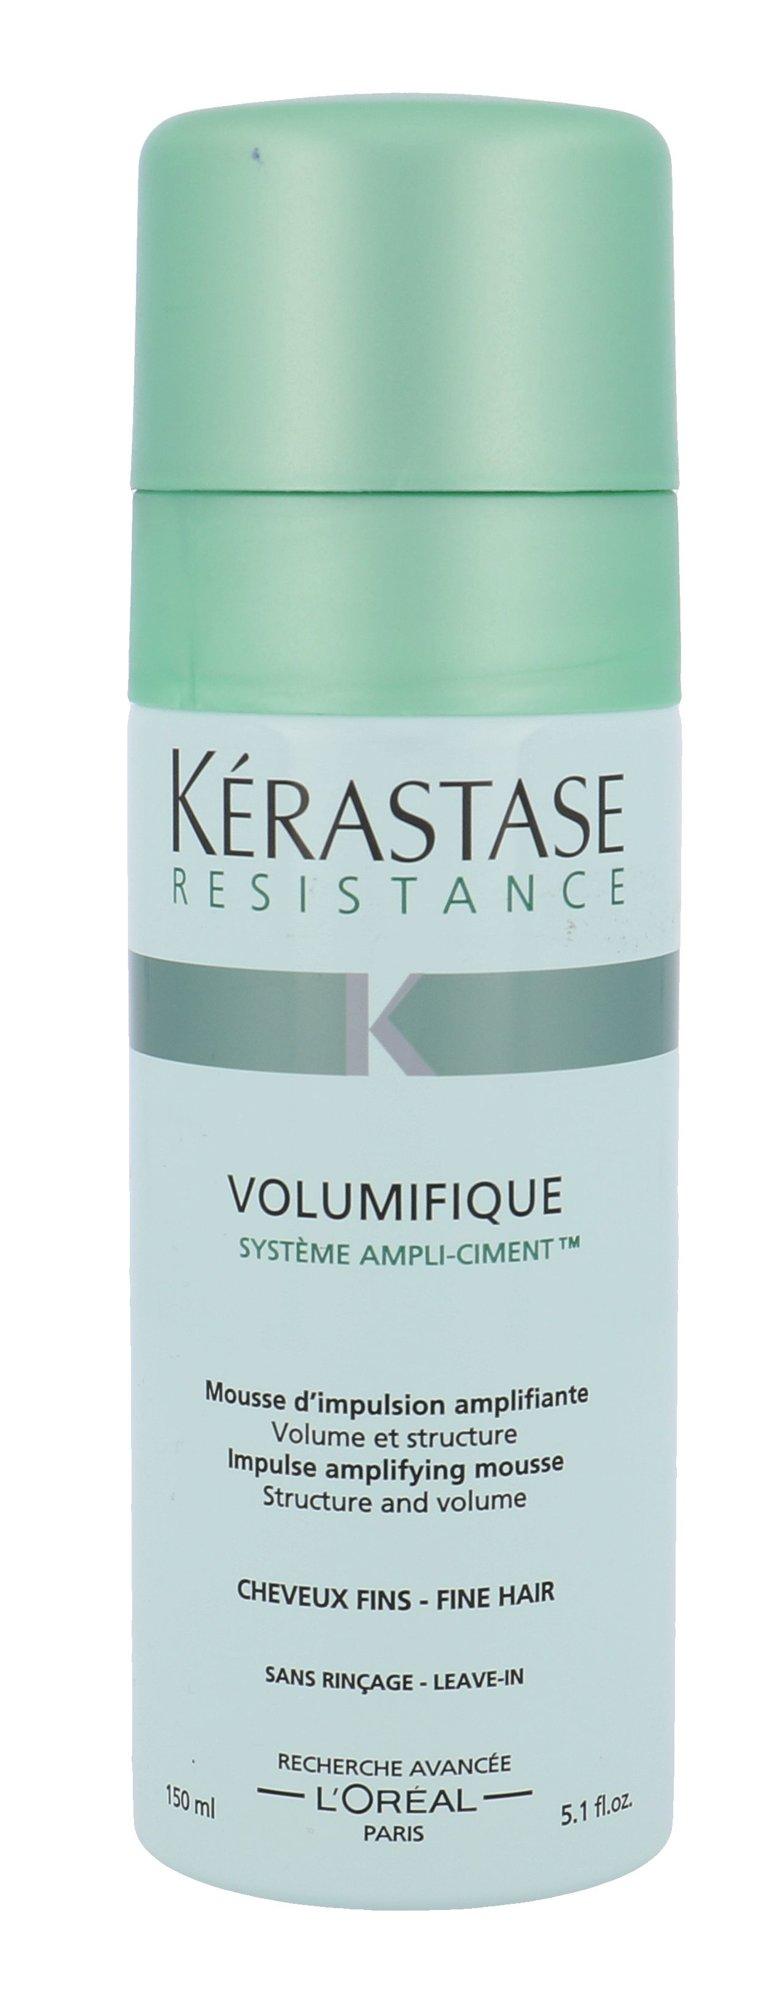 Kérastase Résistance Hair Mousse 150ml